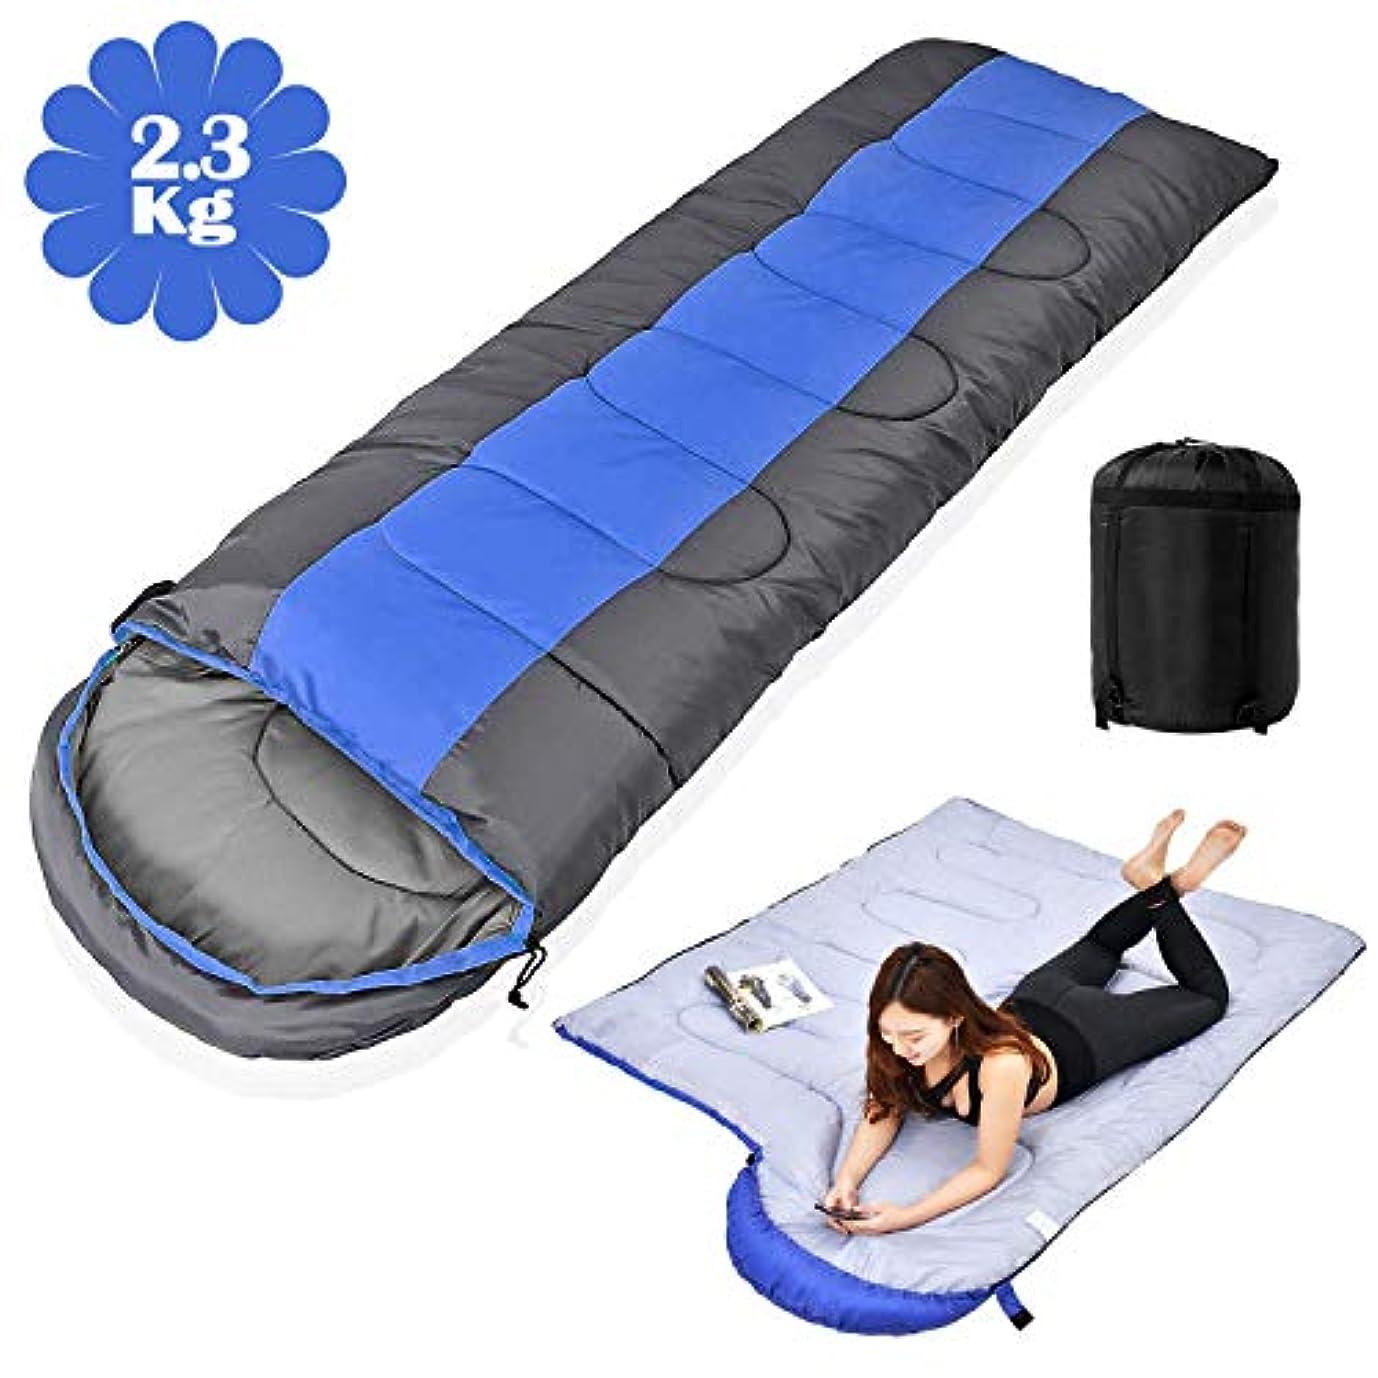 長いですスパイおんどりXIANRUI 封筒型 寝袋 キャンプ 1kg~2.3kg アウトドア 自宅 スリープバック 軽量 防水 ね袋 丸洗い 収納簡単 持ち運び便利 -5℃~20℃